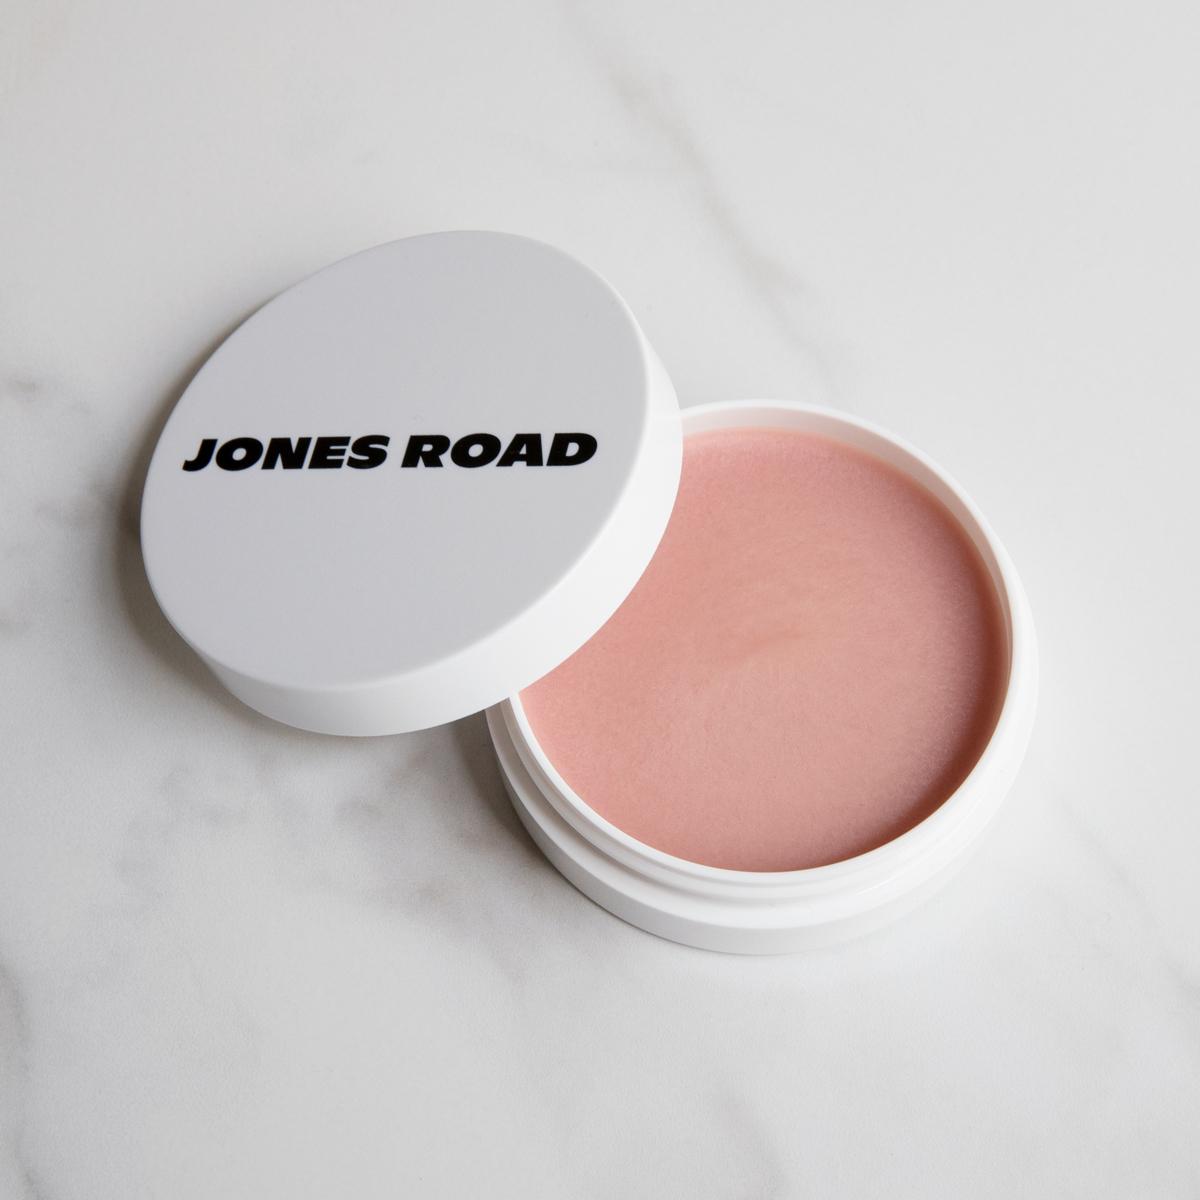 Jones Road Miracle Balm Au Natural